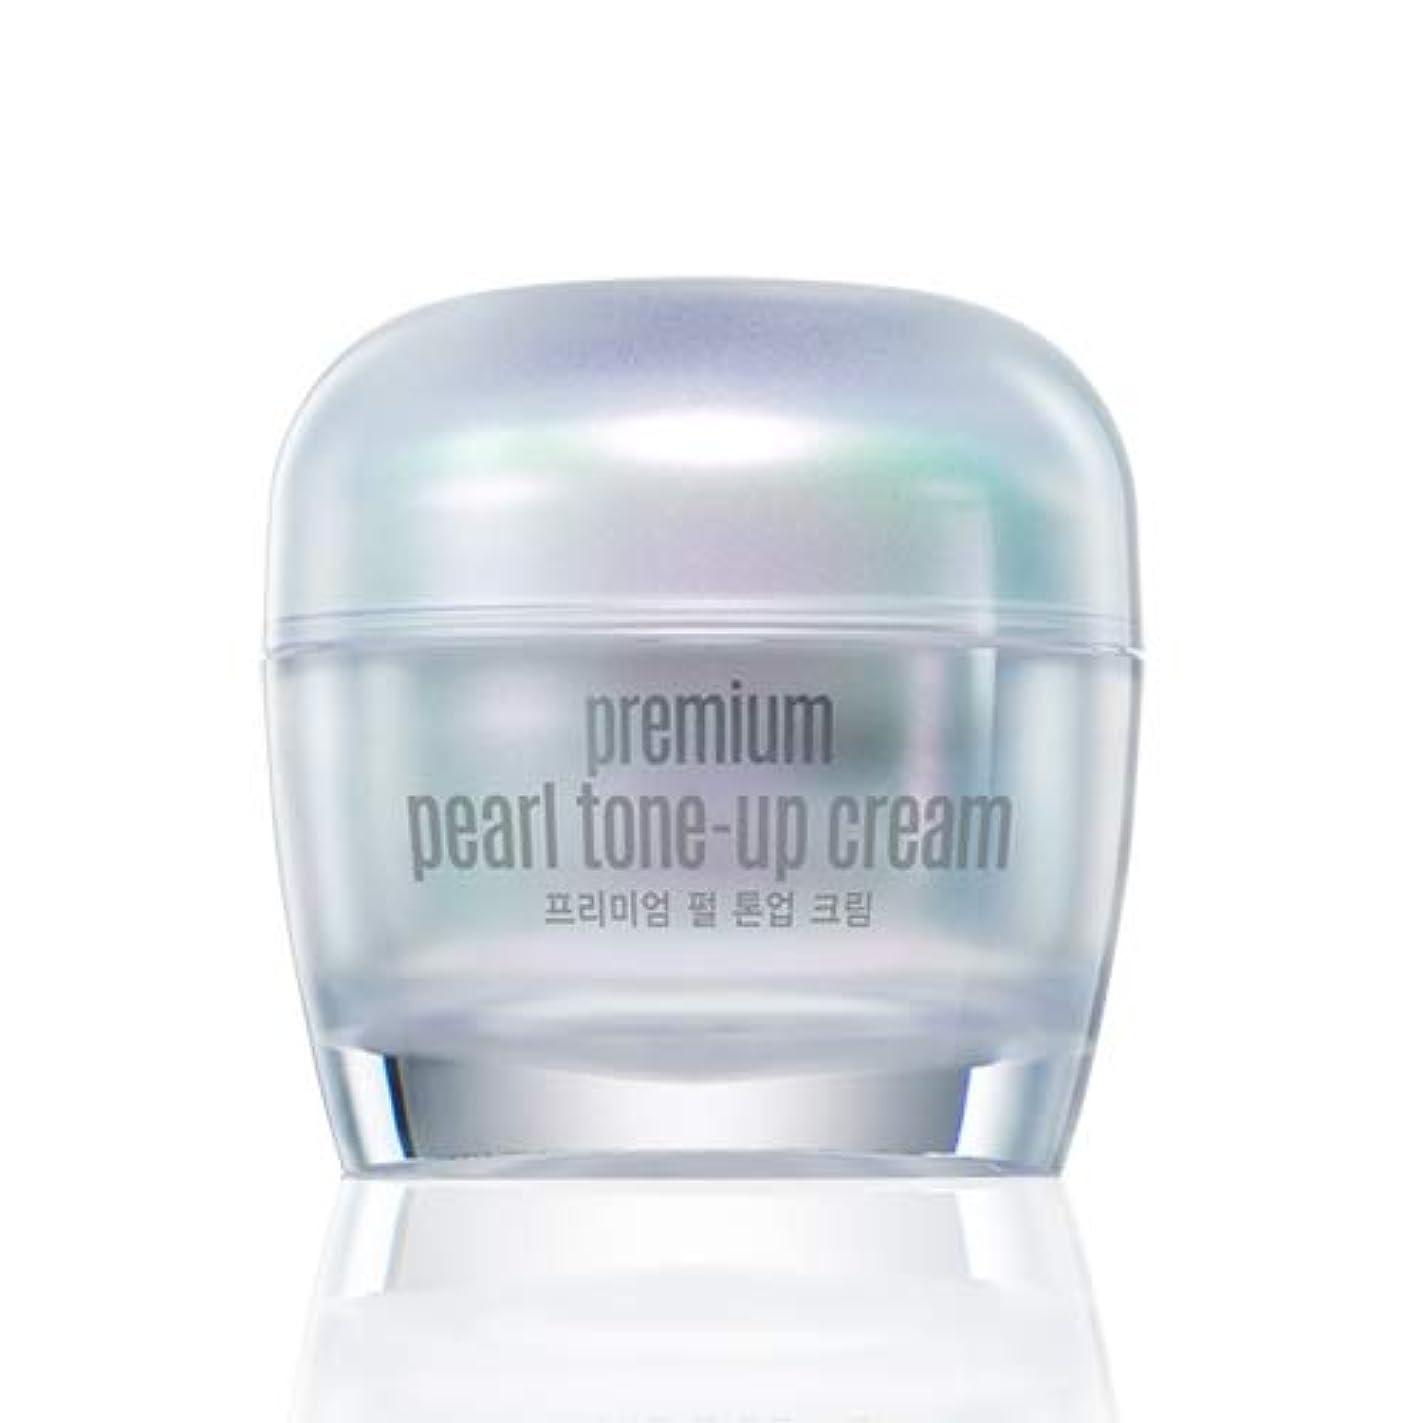 衝動部海洋グーダル プレミアム パール トーンアップ クリーム50ml Goodal Premium Pearl Tone-up Cream [並行輸入品]